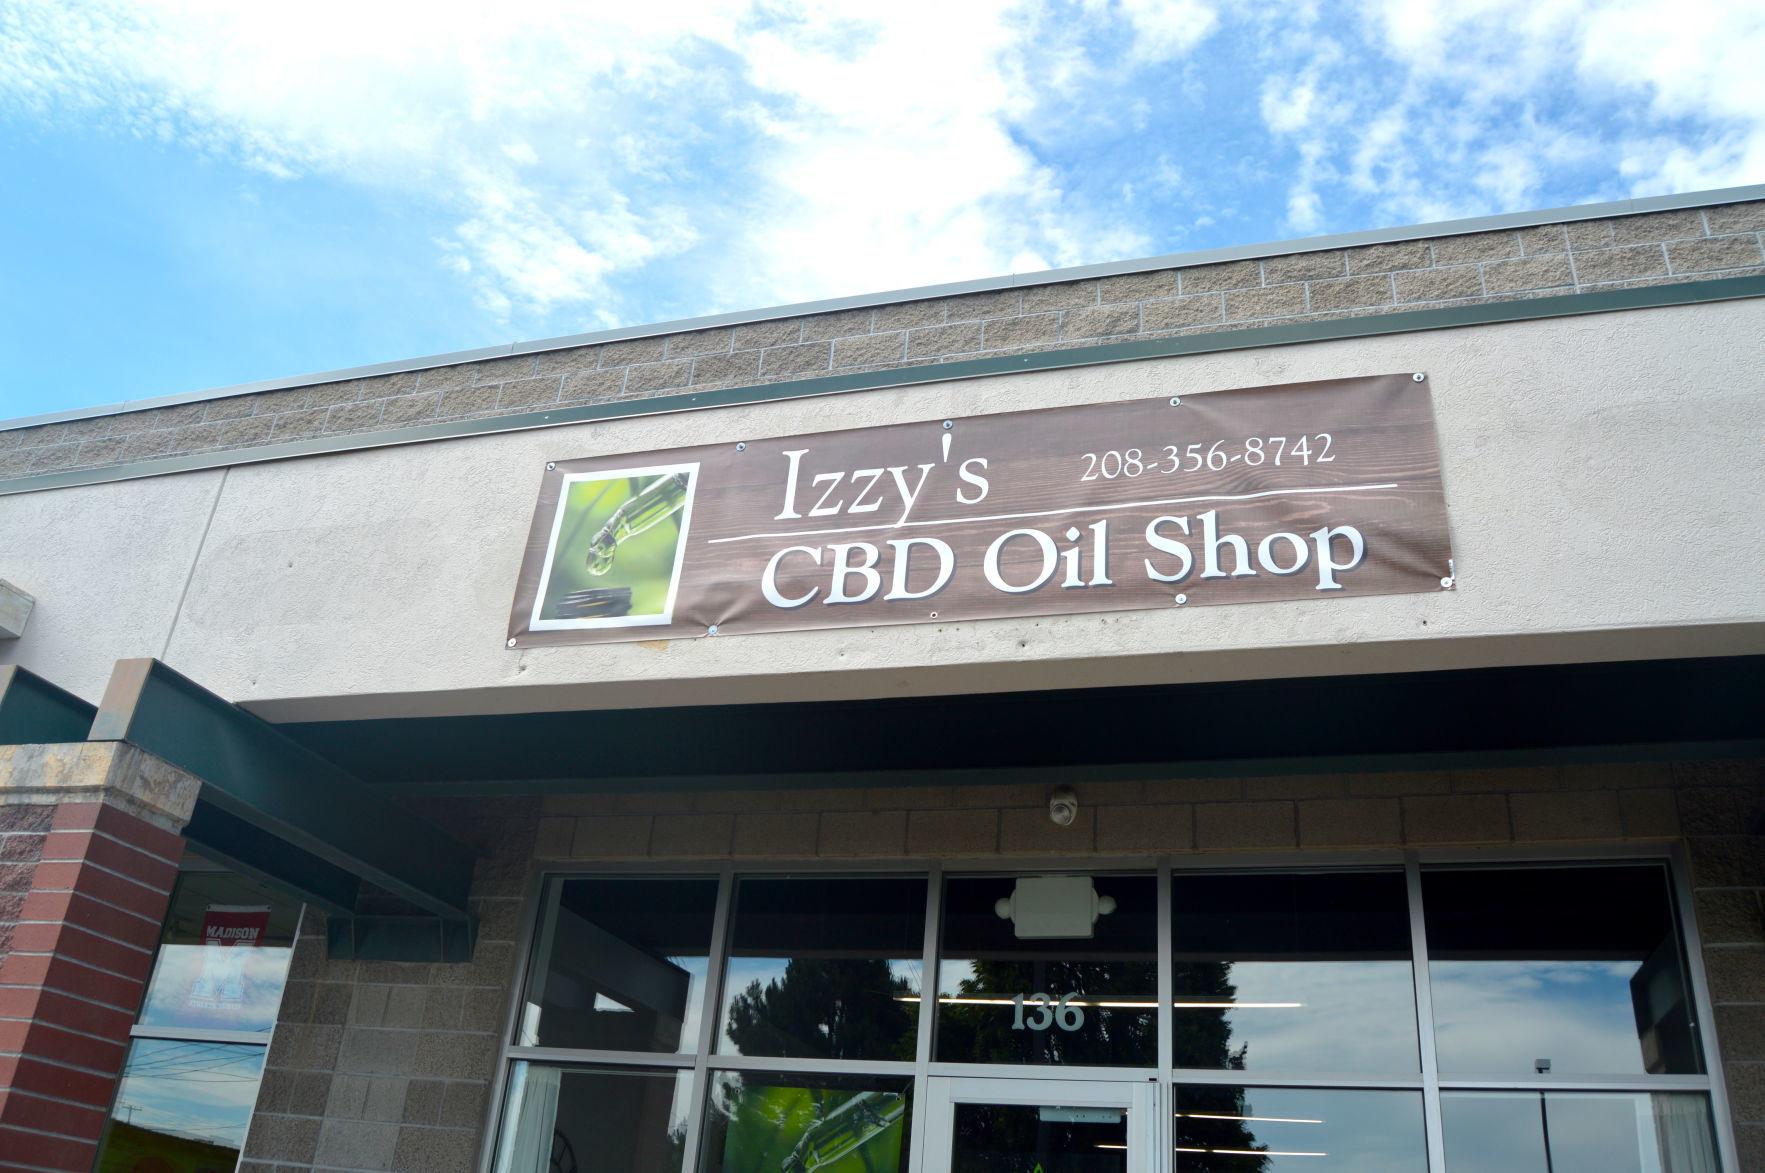 izzy's cbd oil